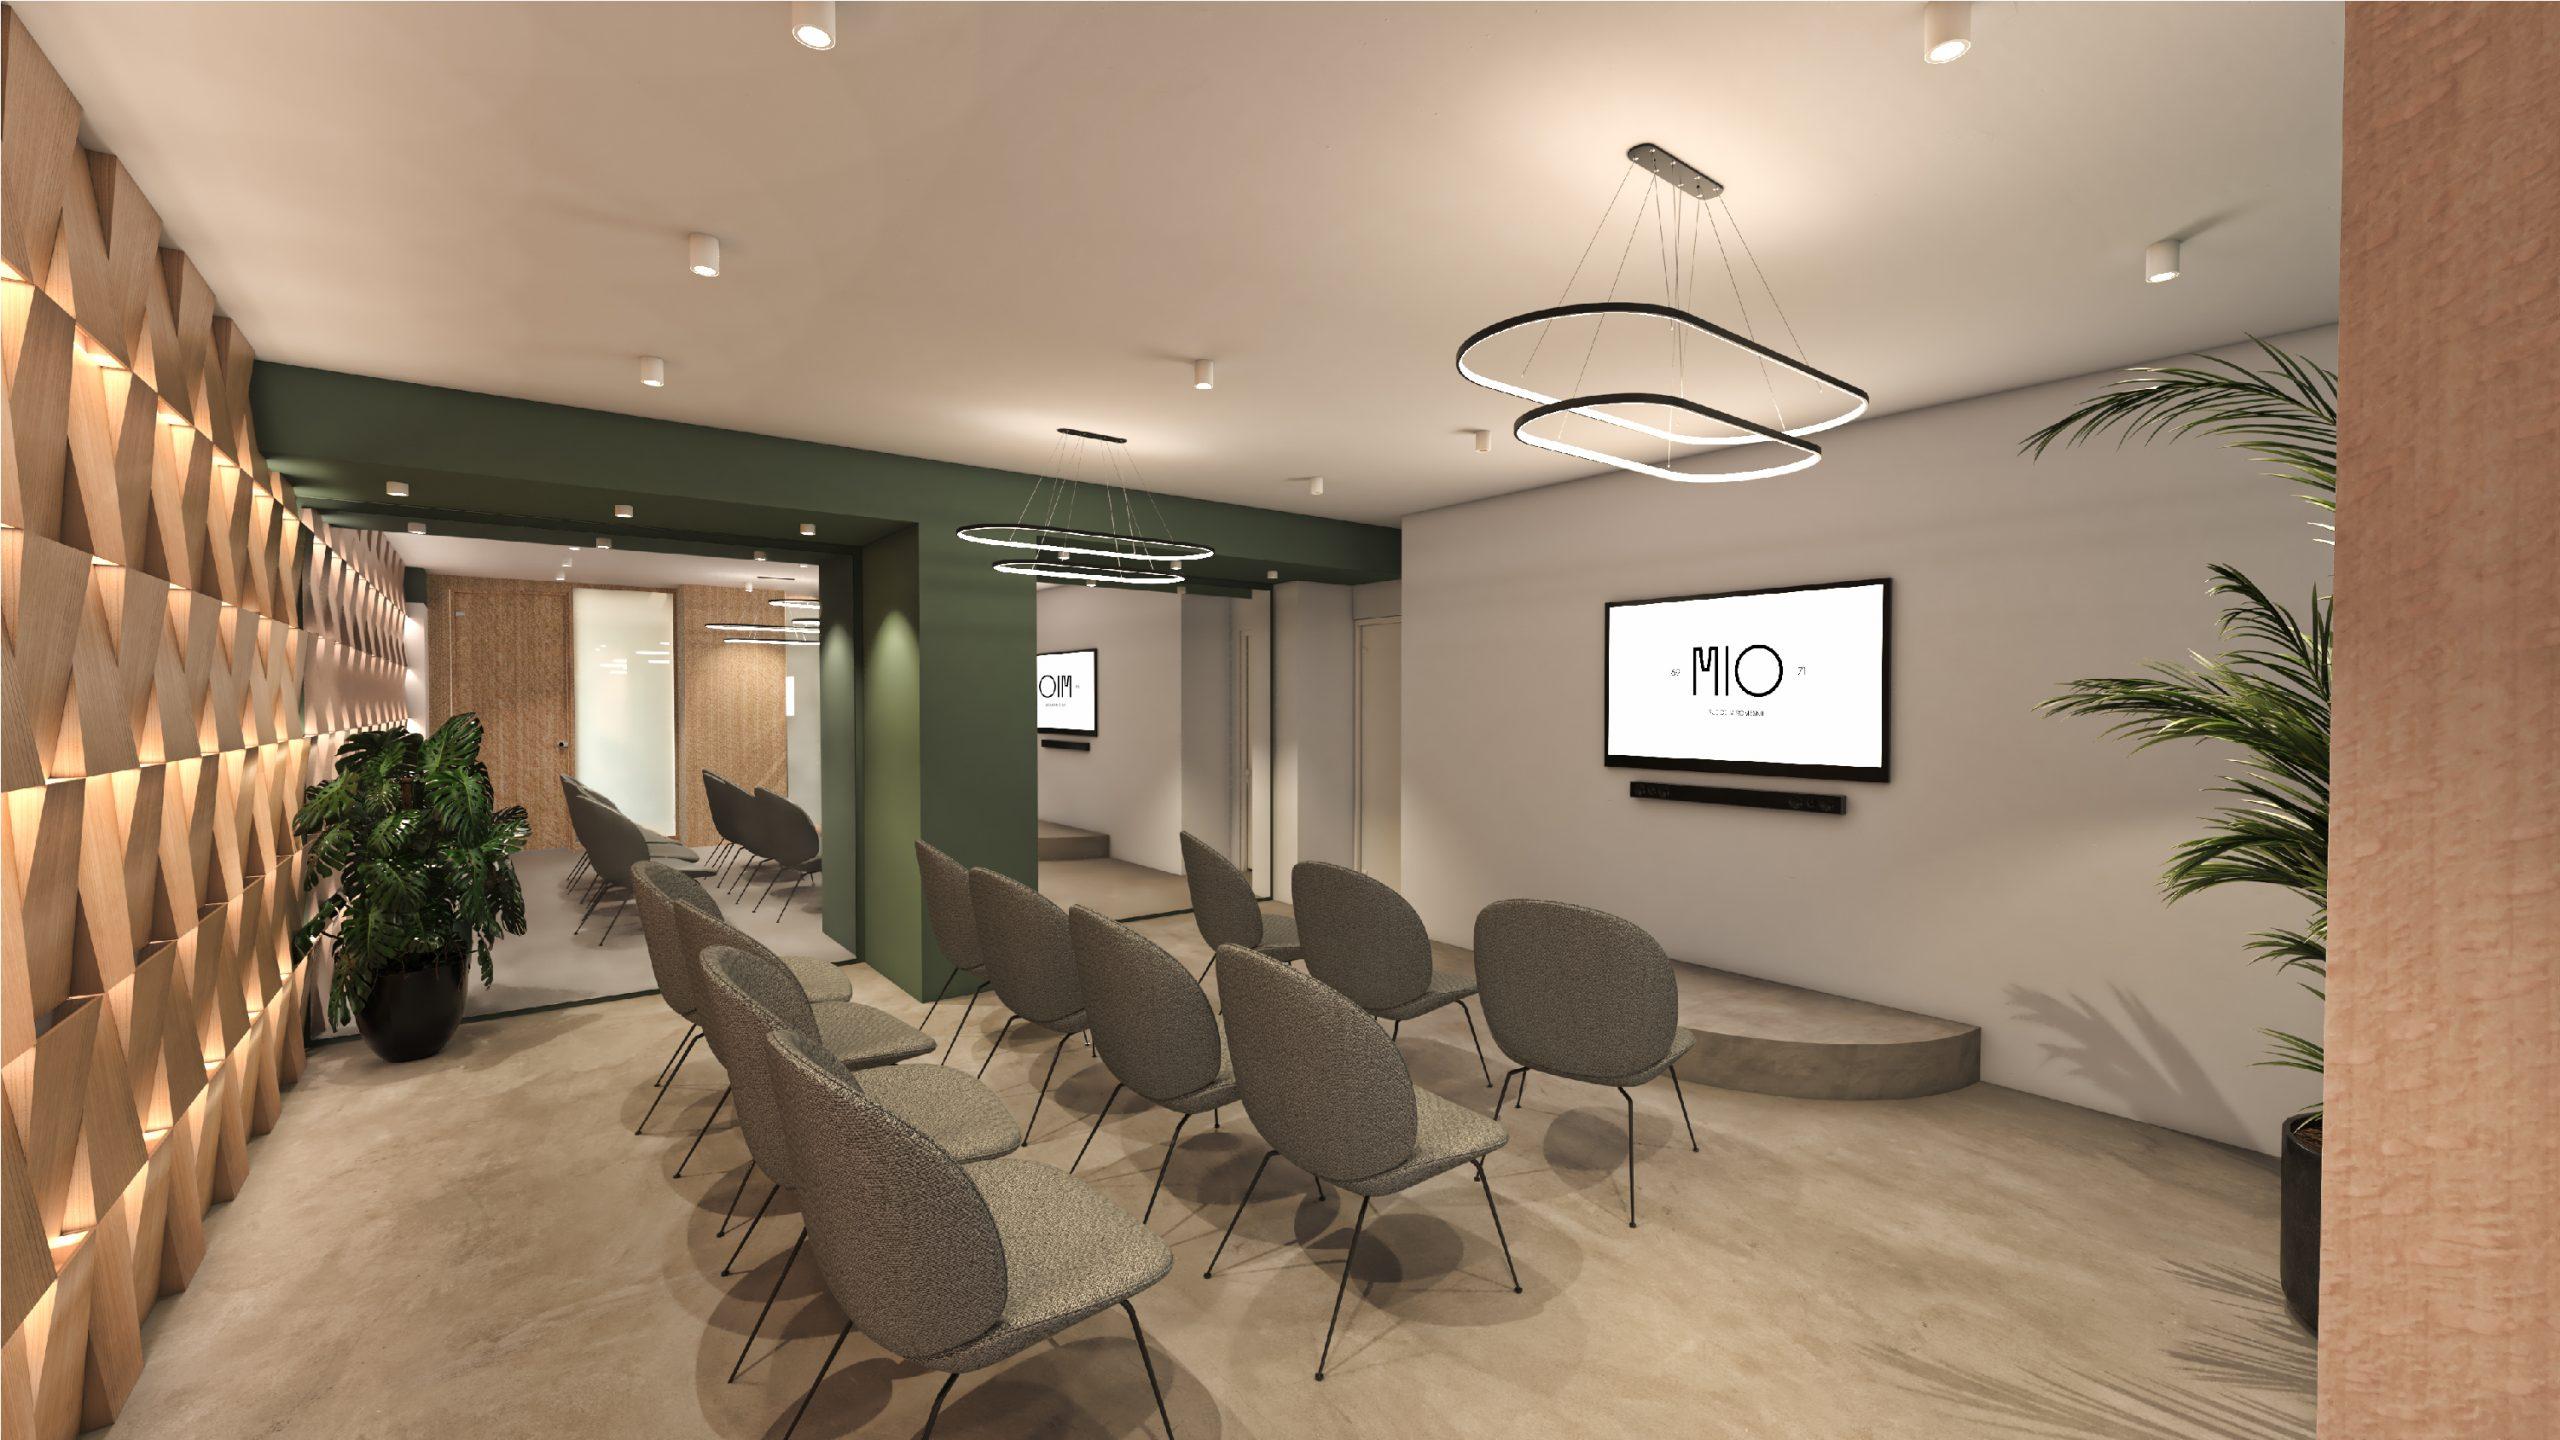 Salle de réunion concept 3D projet immobilier MIO rue de Miromesnil